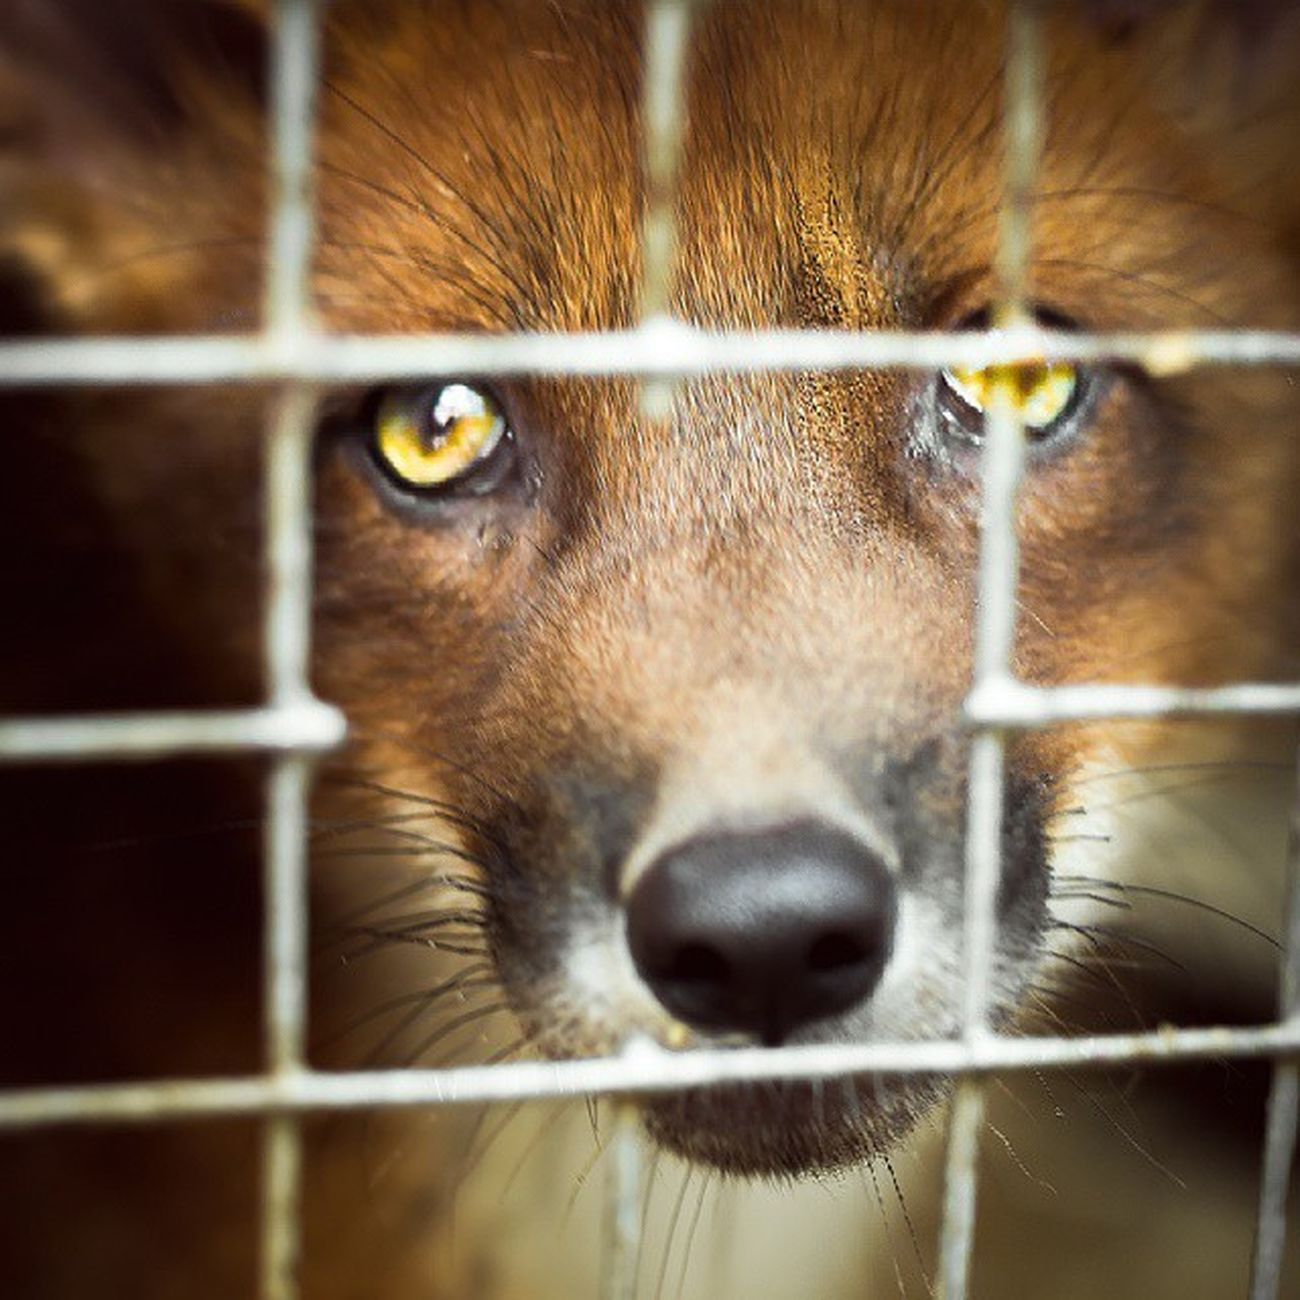 Fox Animals Wild Zoo Greenpeace Cotton лиса Лис Лисёнок рыжий лисица зверополис 2014 клетка мех зоопарк чудоостров хищник фотография